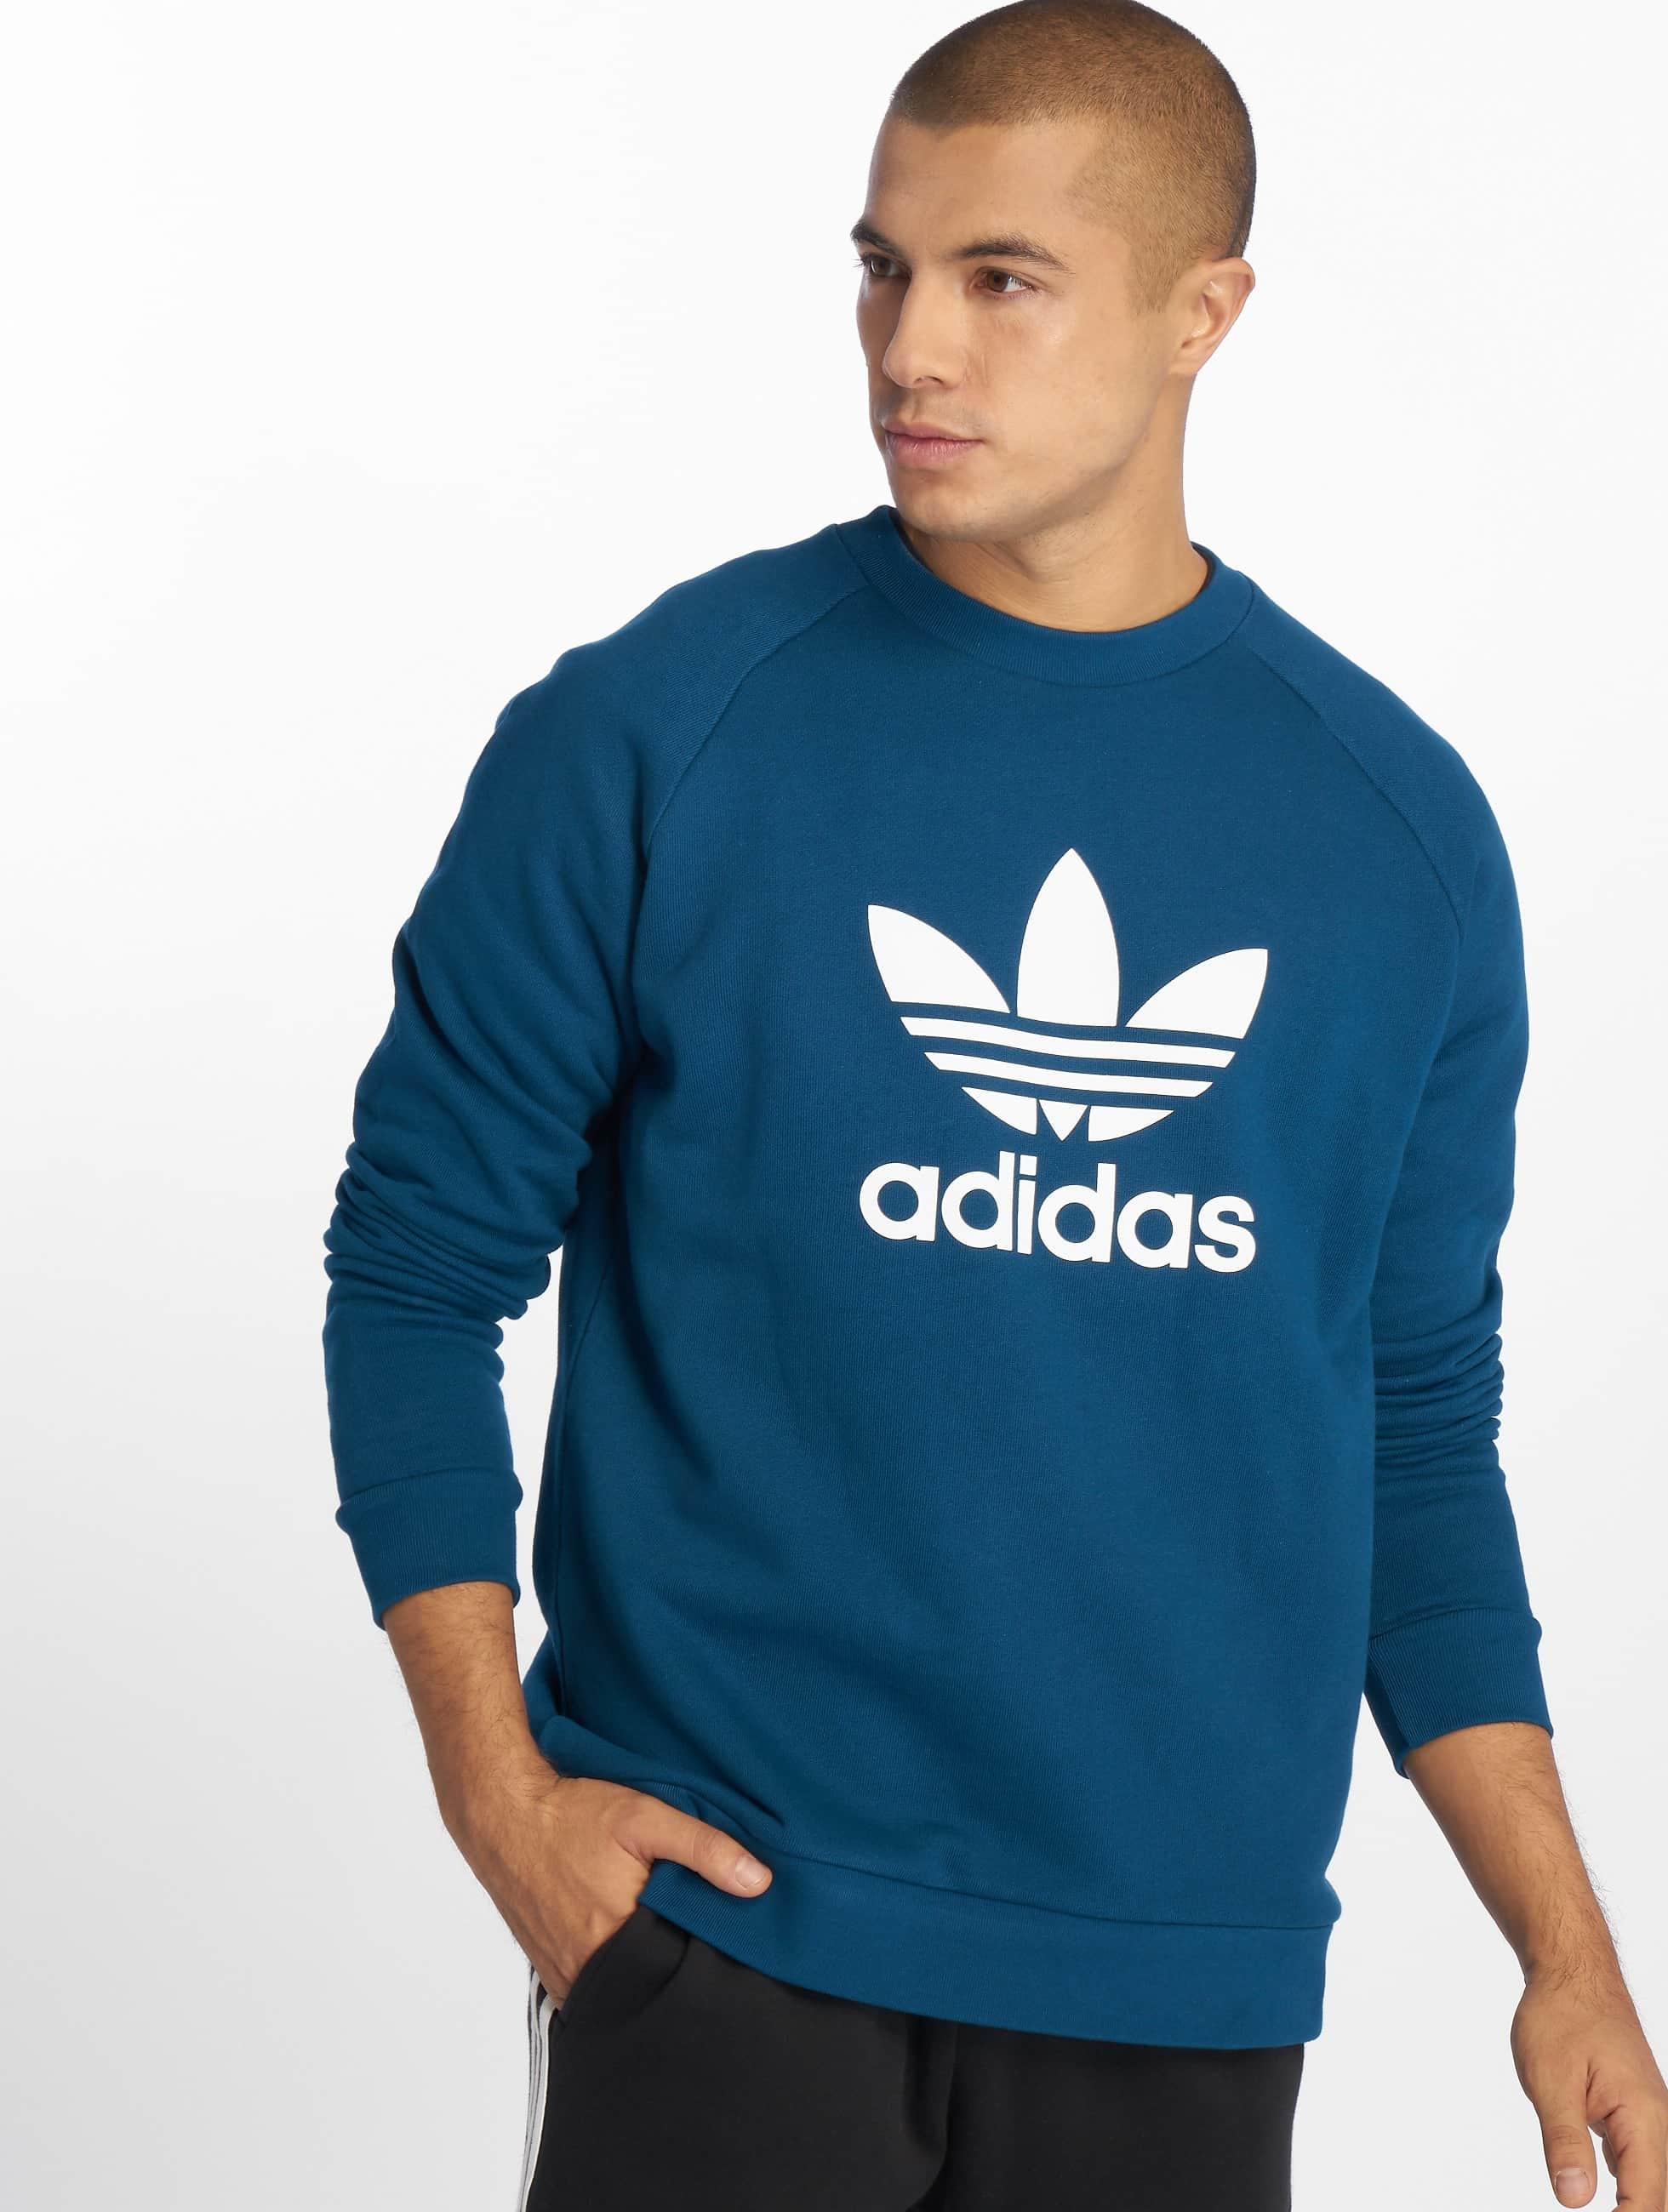 e8cab05d23 adidas originals | Originals bleu Homme Sweat & Pull 543581